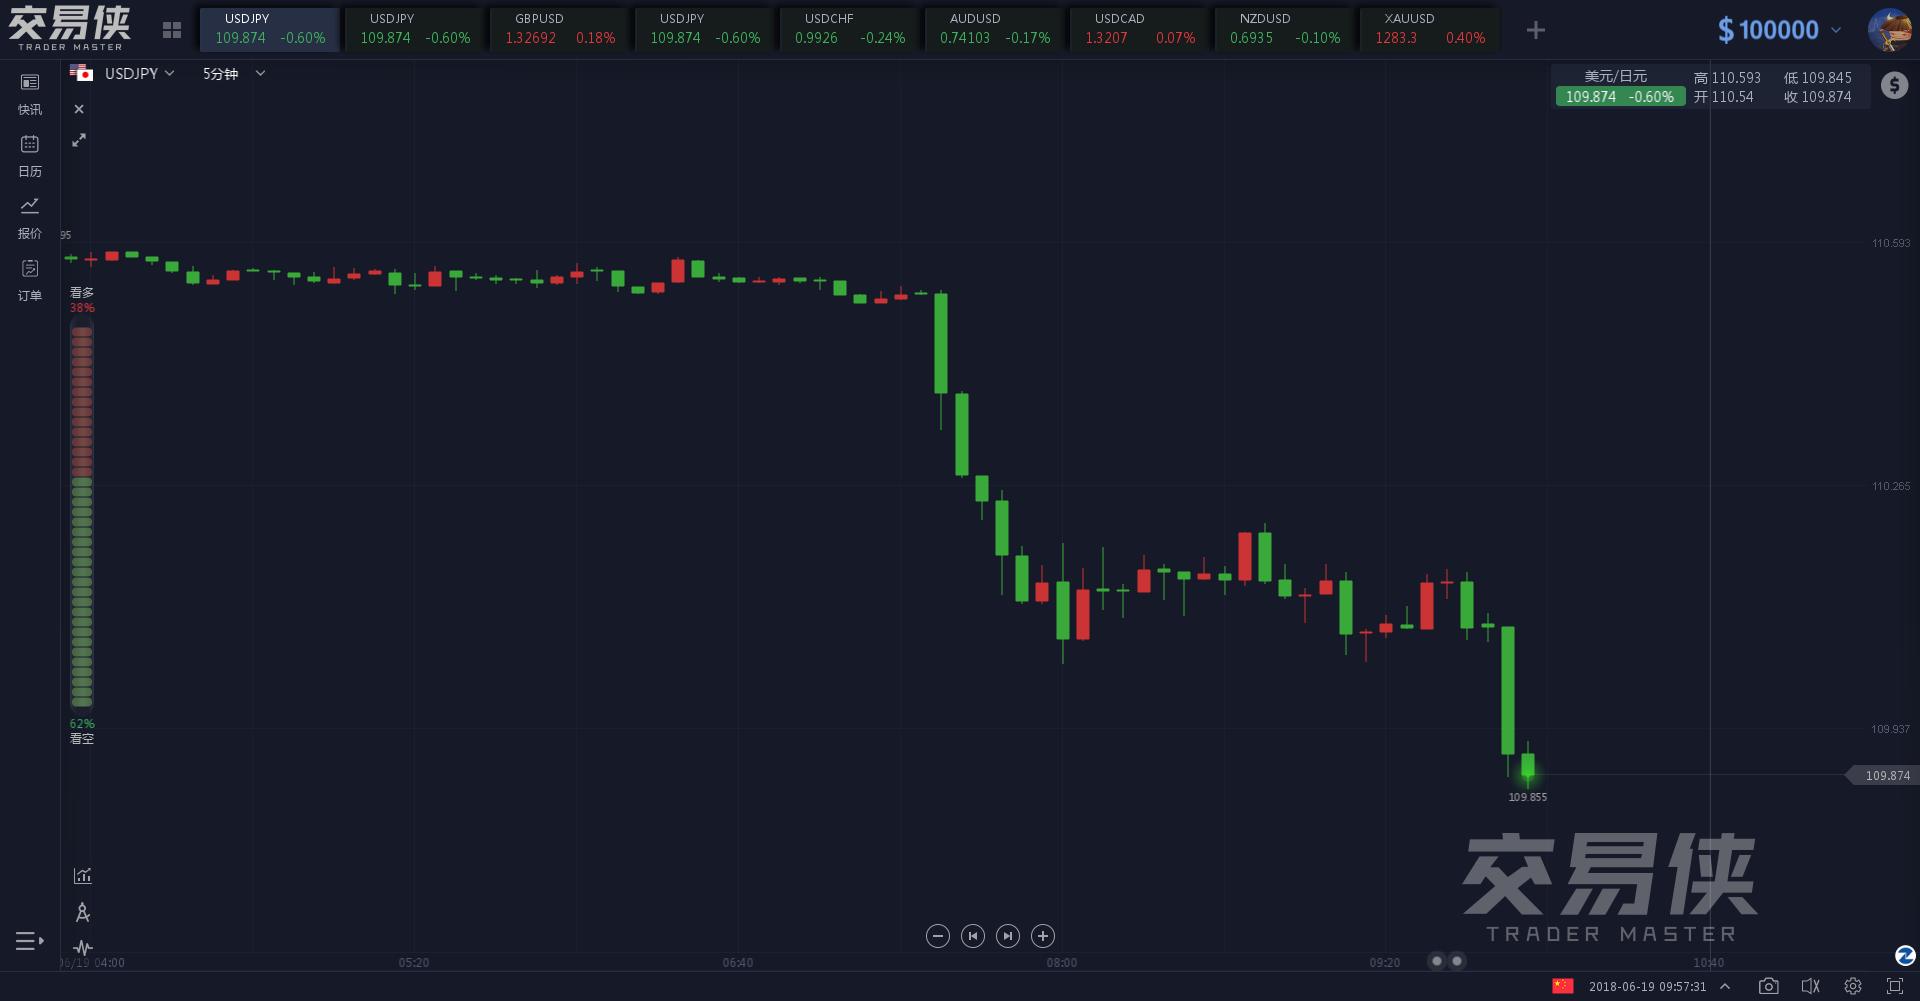 外汇交易网